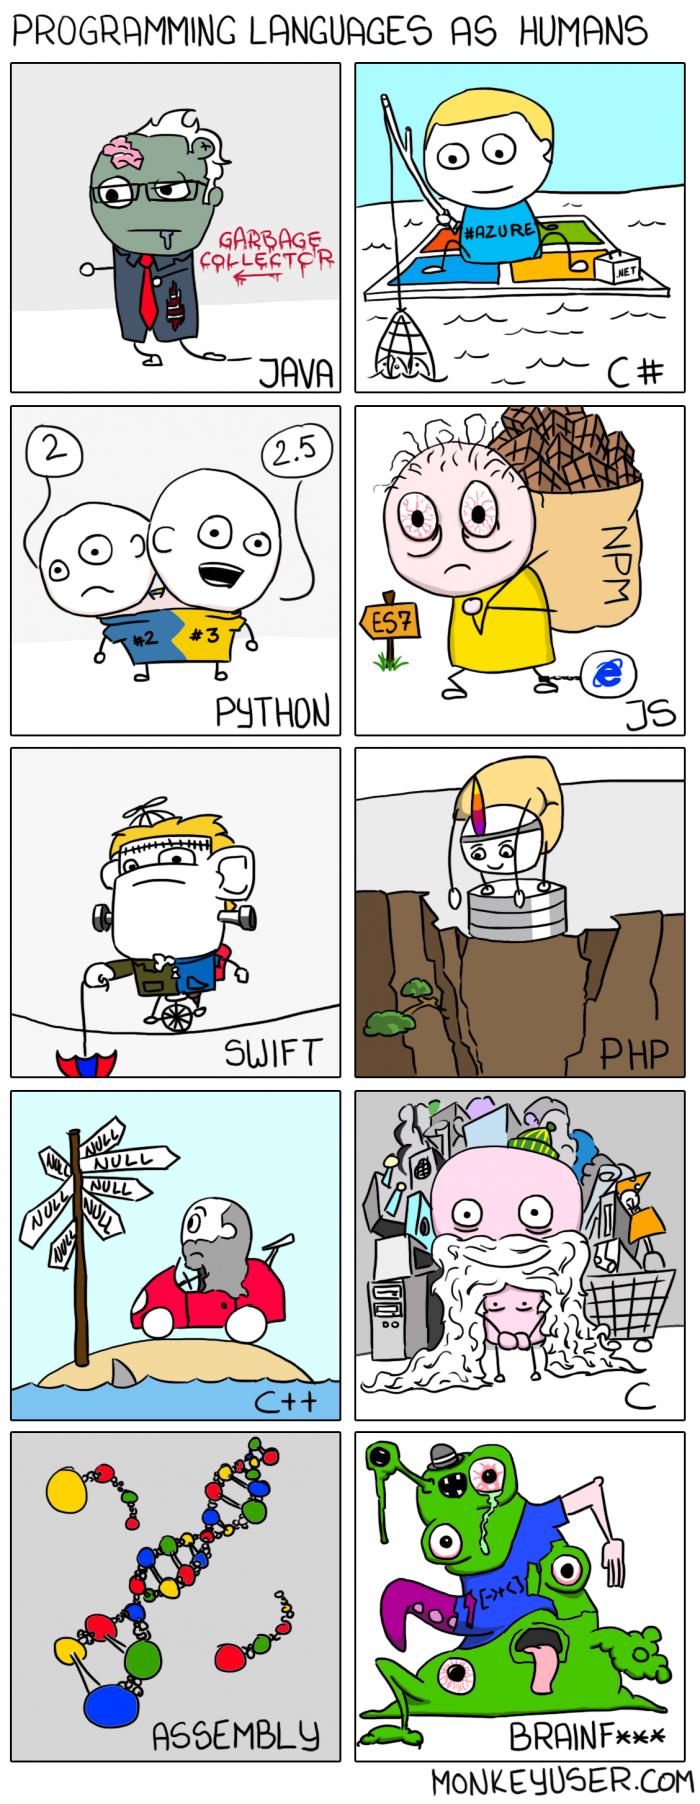 [monkeyuser] Programming languages as humans